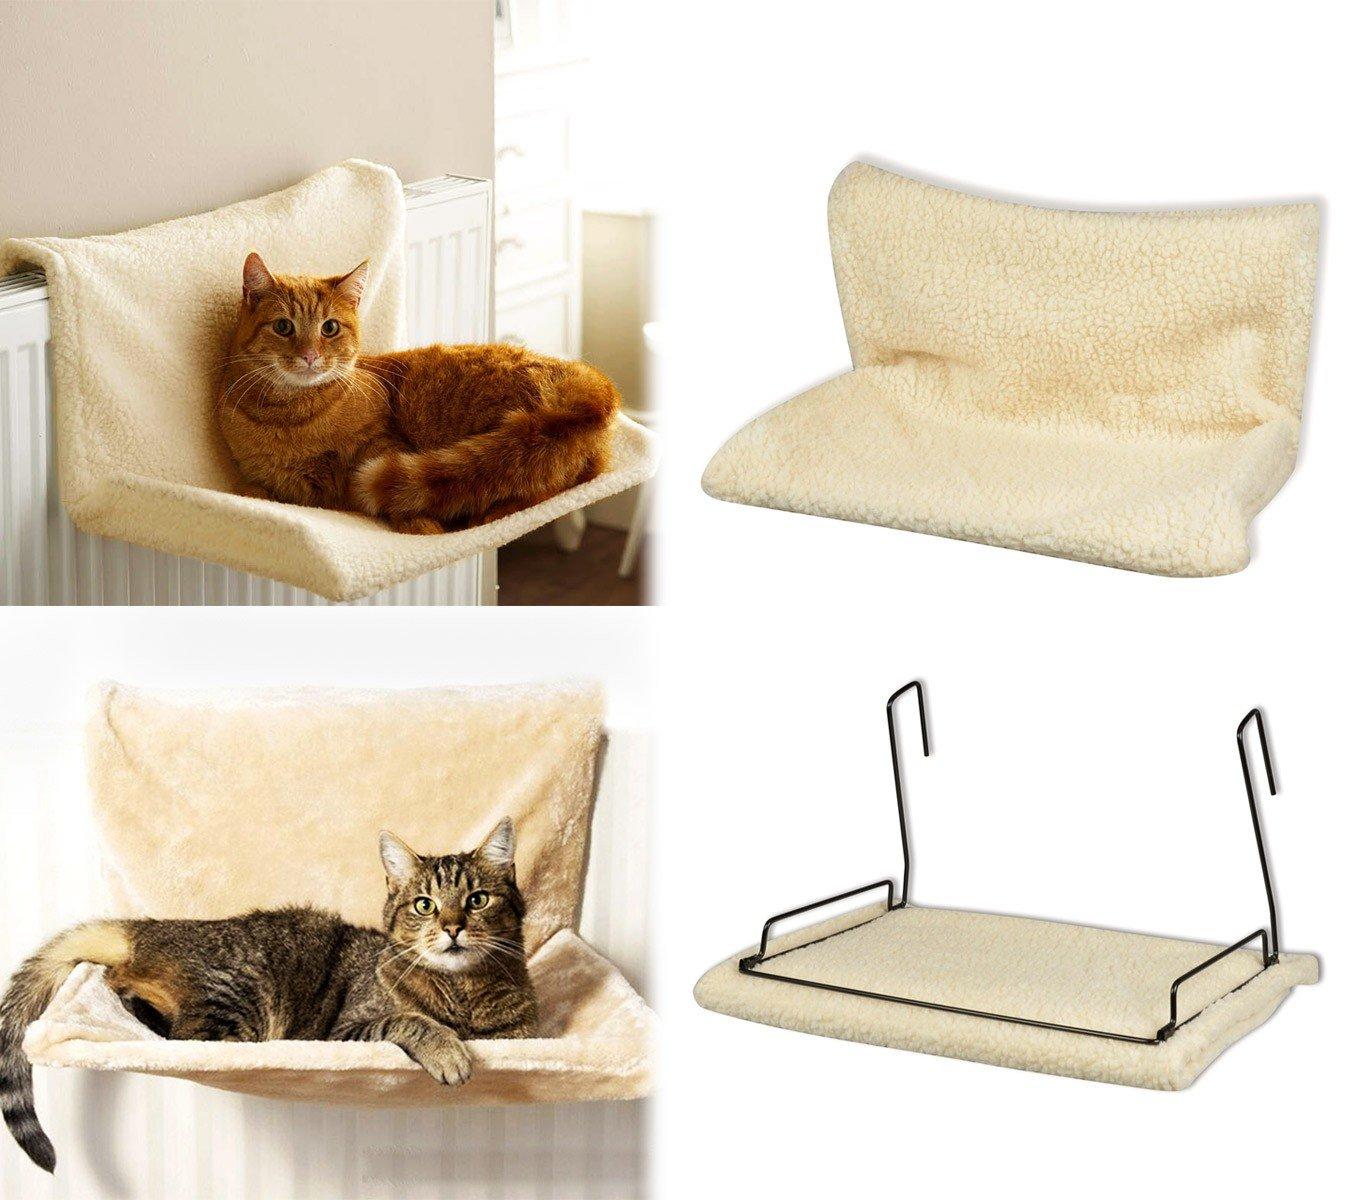 MEDIA WAVE store 29450 Cama para Colocar en radiador Mod.Felina para Gatos Extraible y Lavable: Amazon.es: Hogar